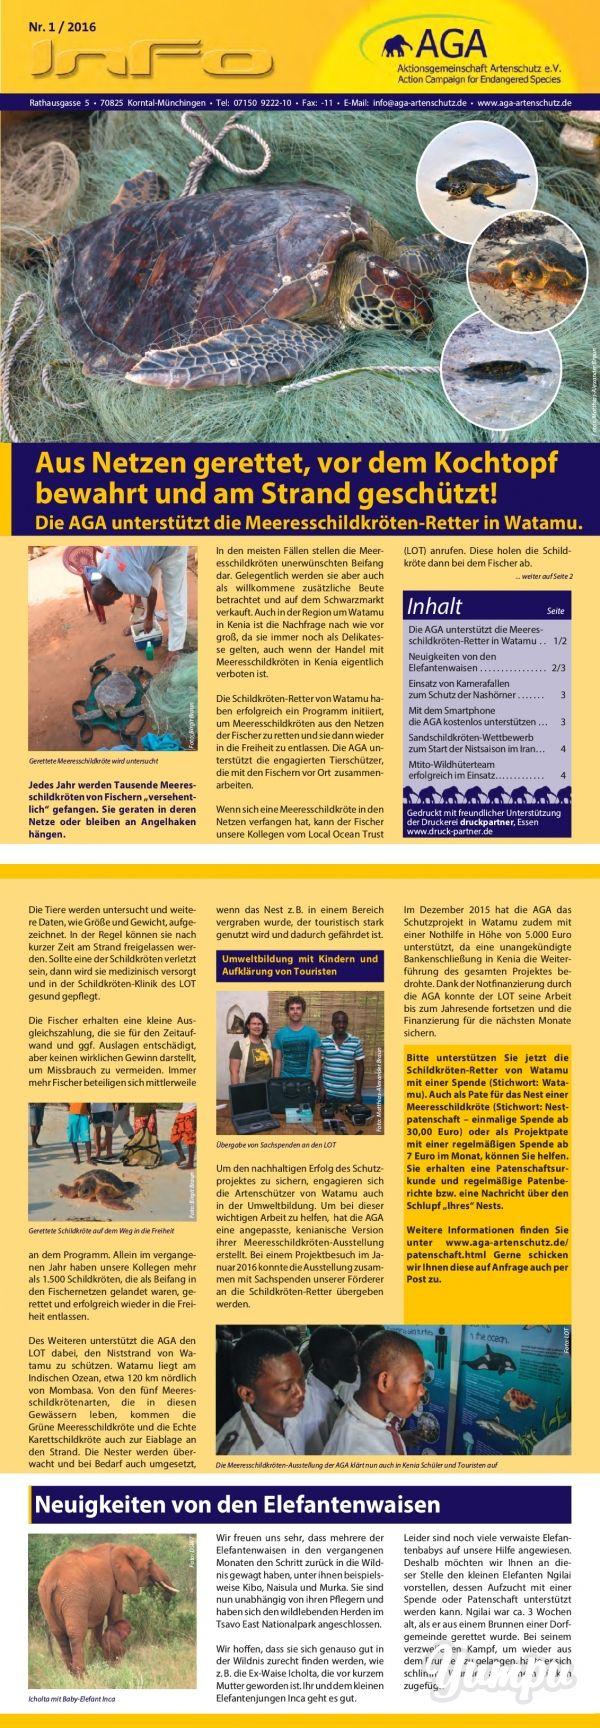 Aus Netzen gerettet, vor dem Kochtopf bewahrt und am Strand geschützt!  - Magazine with 4 pages: In unserem Rundschreiben berichten wir über unsere Arbeit im Artenschutz und aktuelle Entwicklungen in unseren Projekten. Diese Ausgabe umfasst u.a. folgenden Themen: -Die AGA unterstützt die Meeresschildkröten-Retter in Watamu -Einsatz von Kamerafallen zum Schutz der Nashörner -Mit dem Smartphone die AGA kostenlos unterstützen -Sandschildkröten-Wettbewerb zum Start der Nistsaison im Iran -...